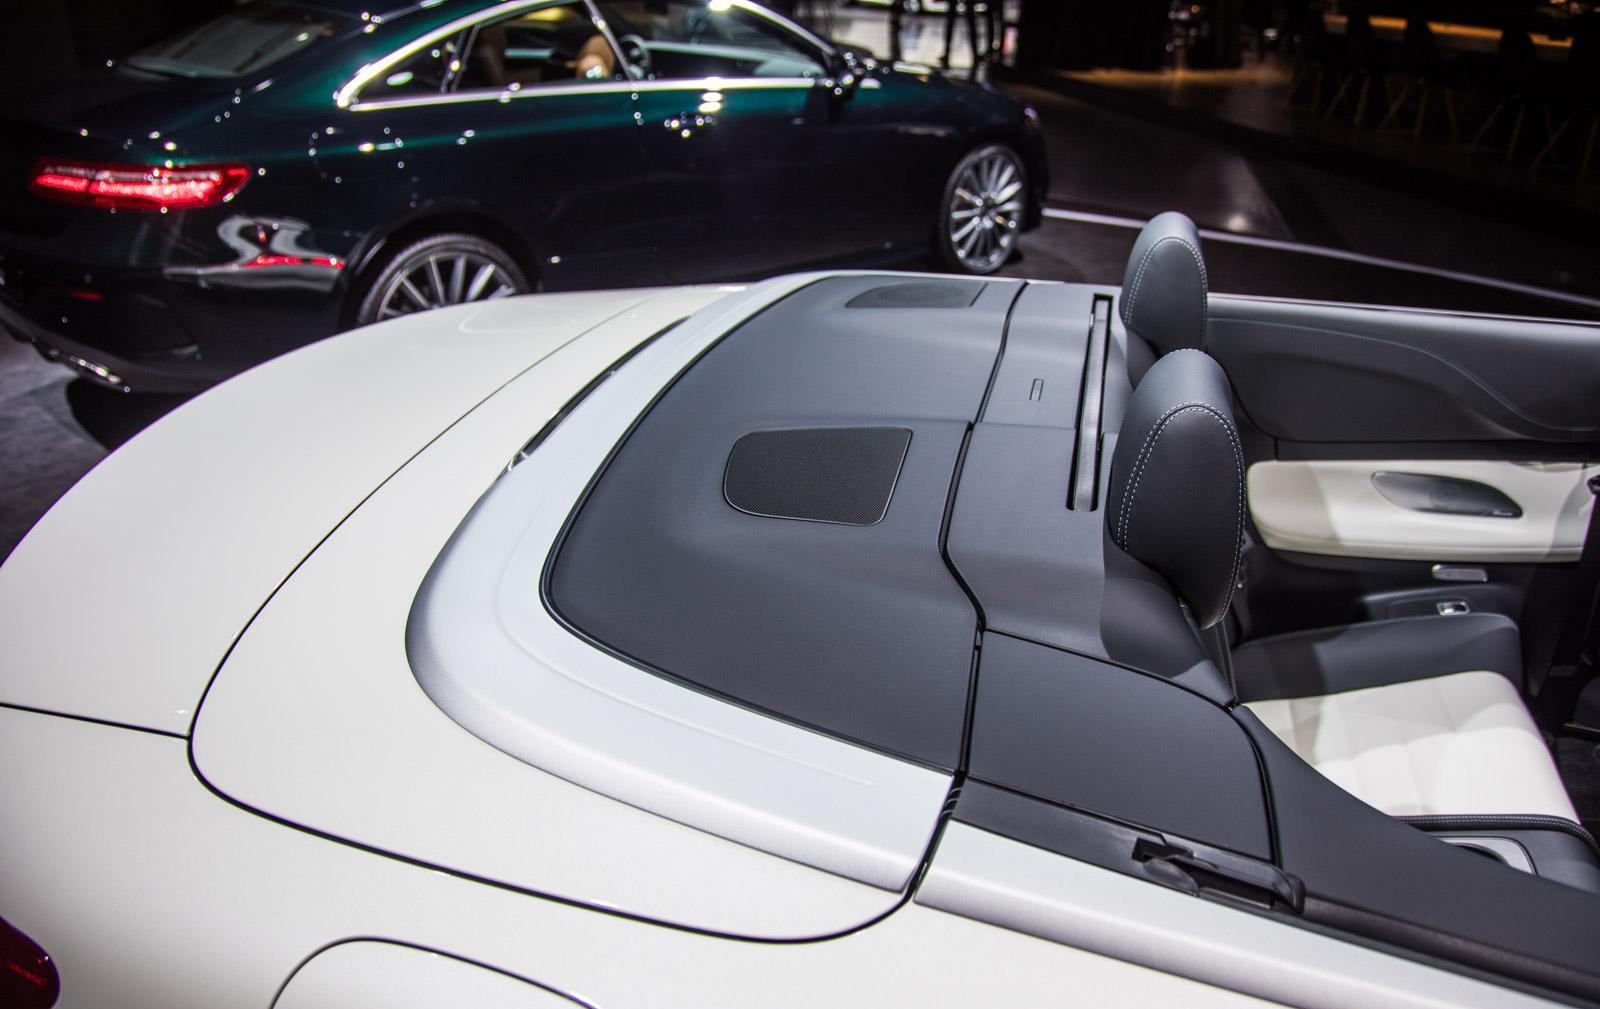 Mercedes_E400_Cabriolet_013